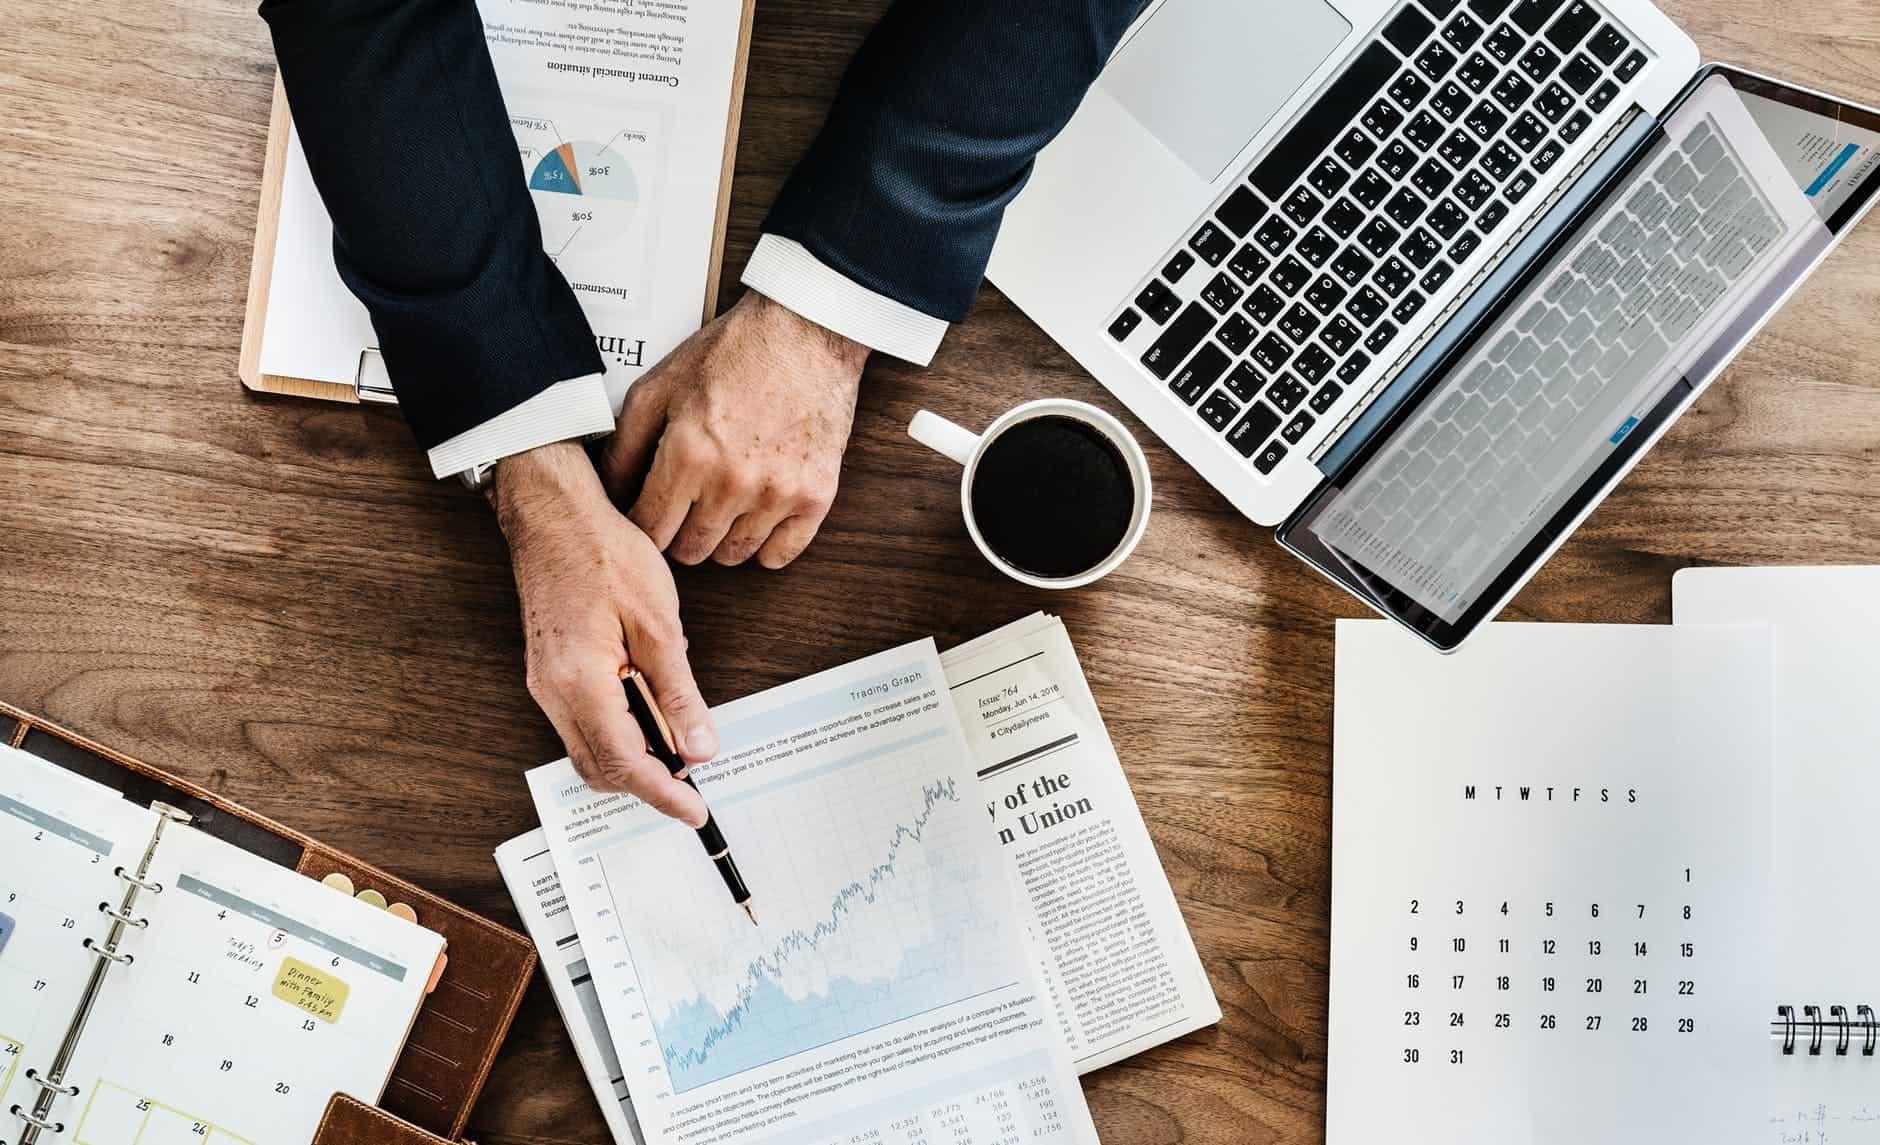 Apetyt konsumentów na kierowane danymi alternatywne usługi finansowania w otwartej bankowości wciąż rośnie – raport fintech